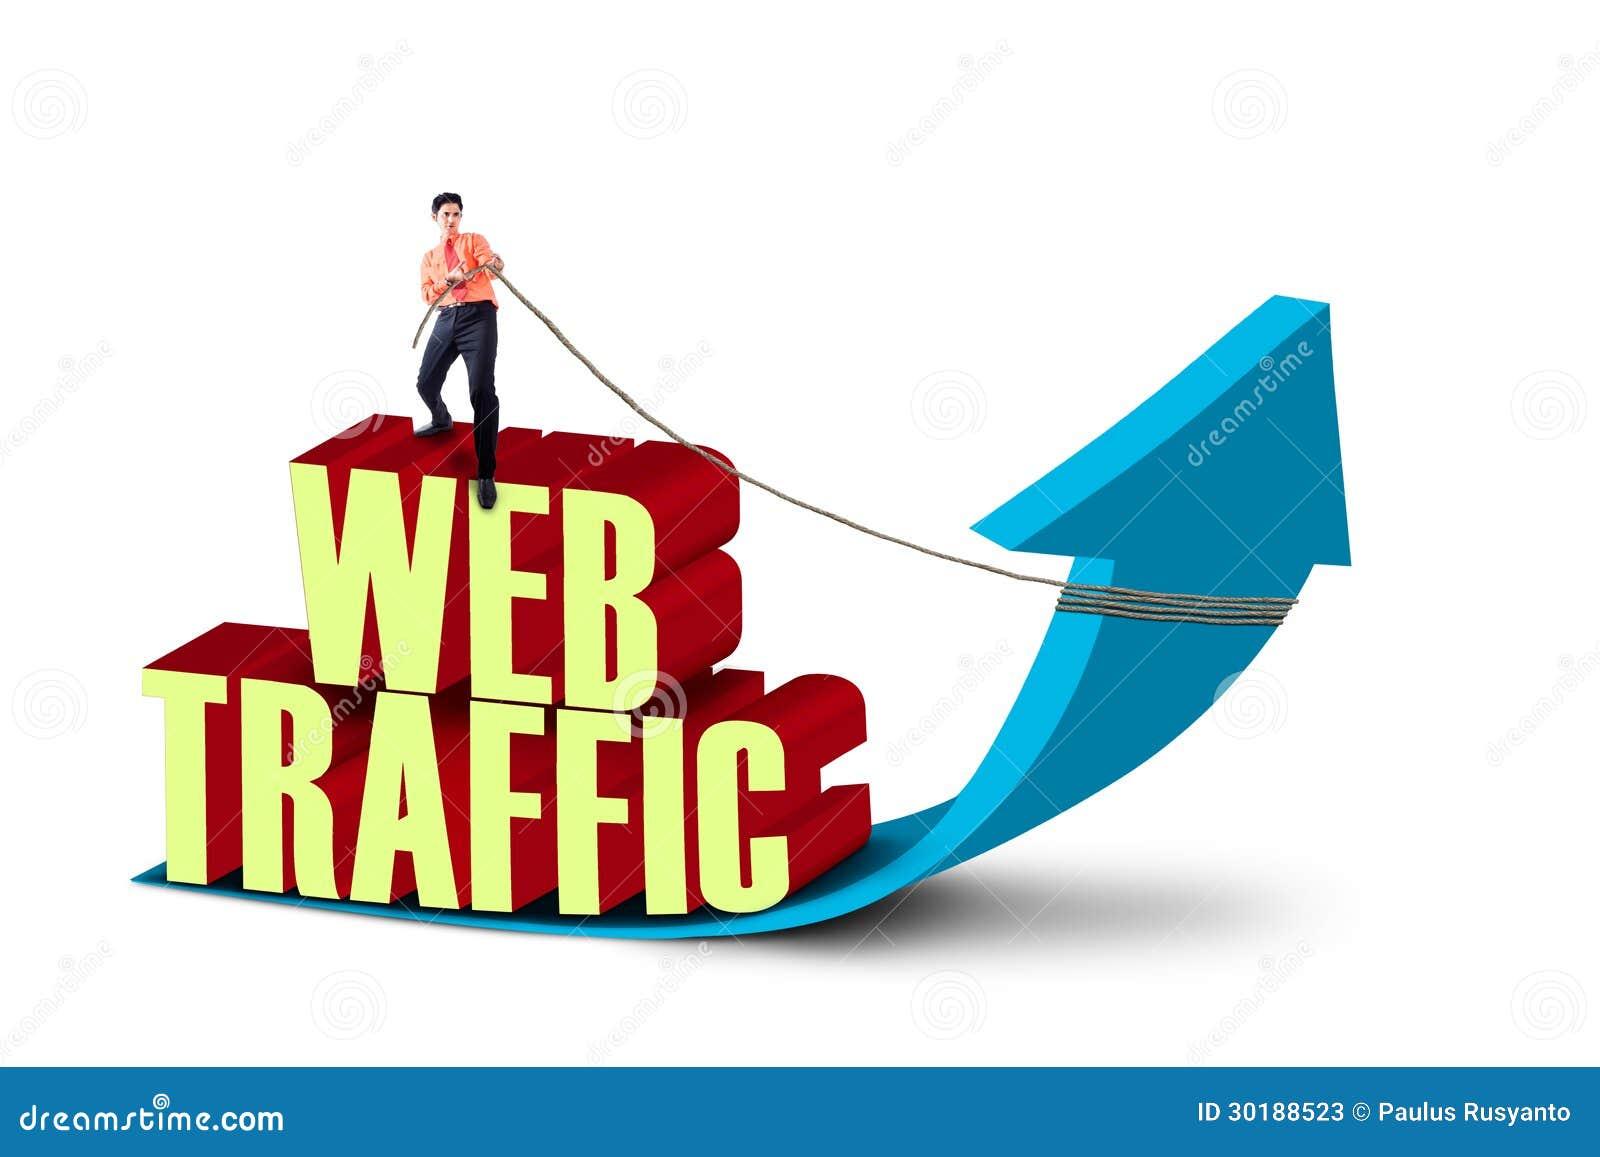 Tráfego da Web da tração do homem de negócios